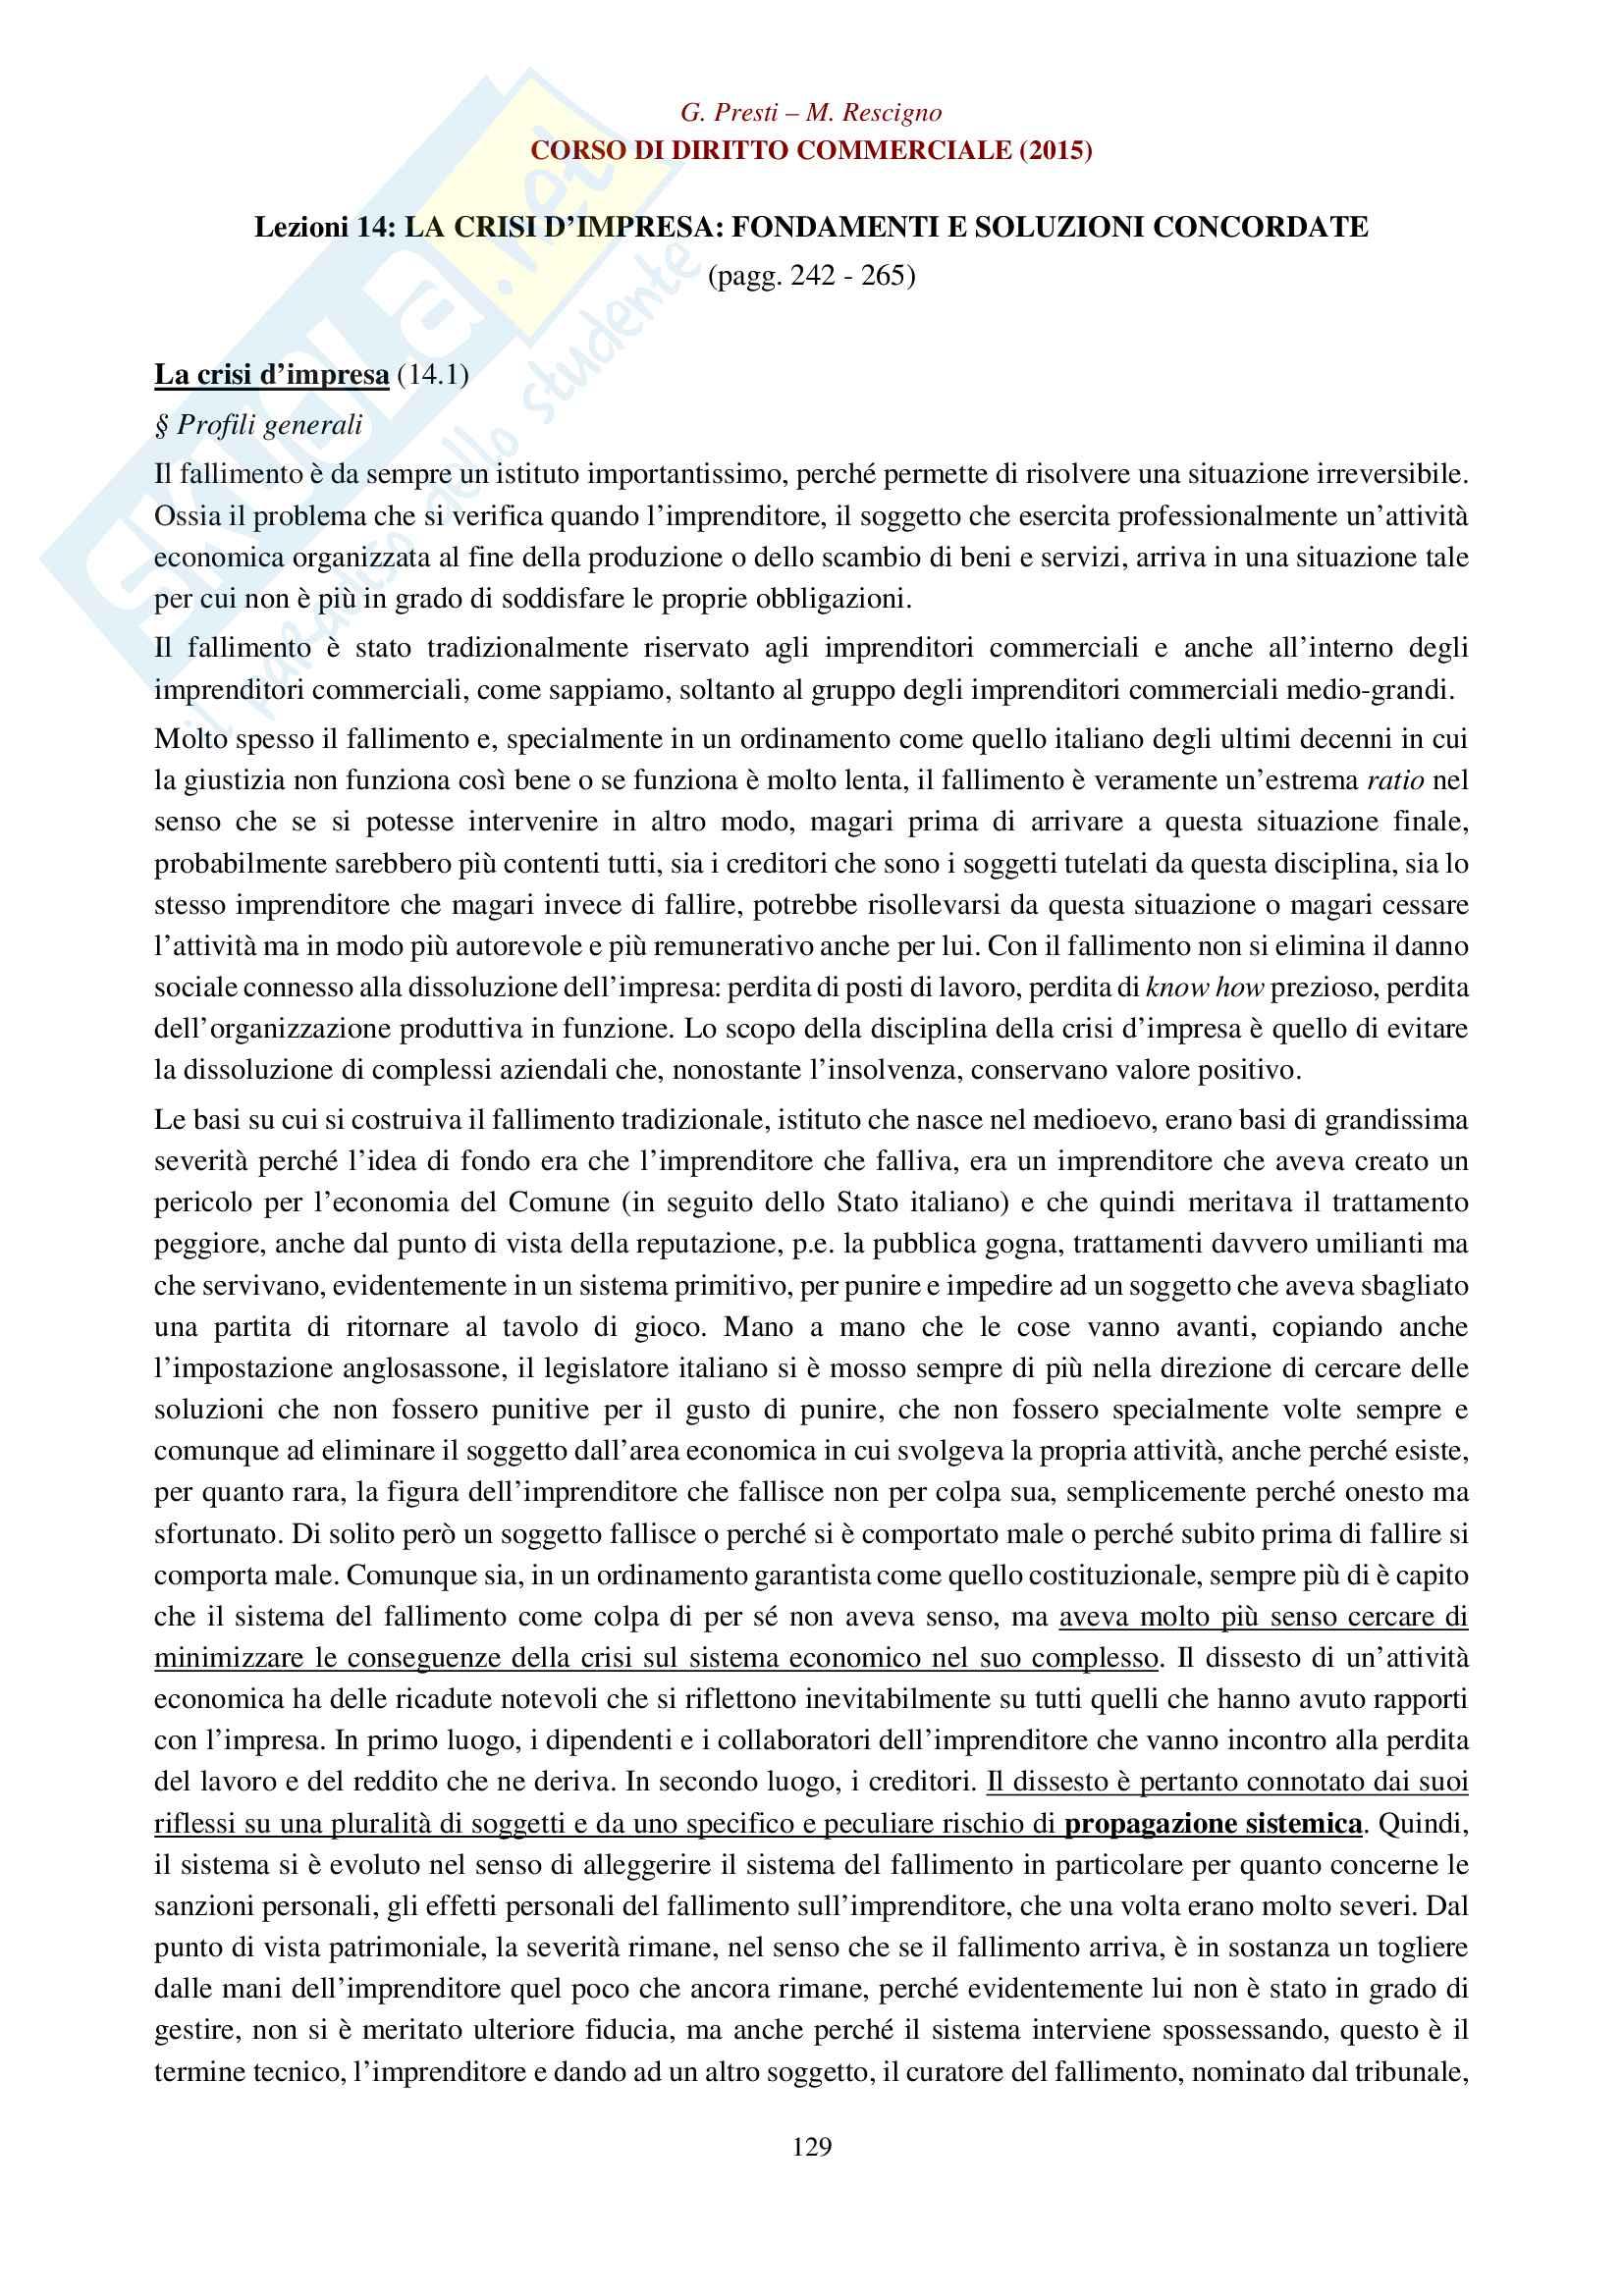 Appunti per esame di diritto commerciale La legge fallimentare